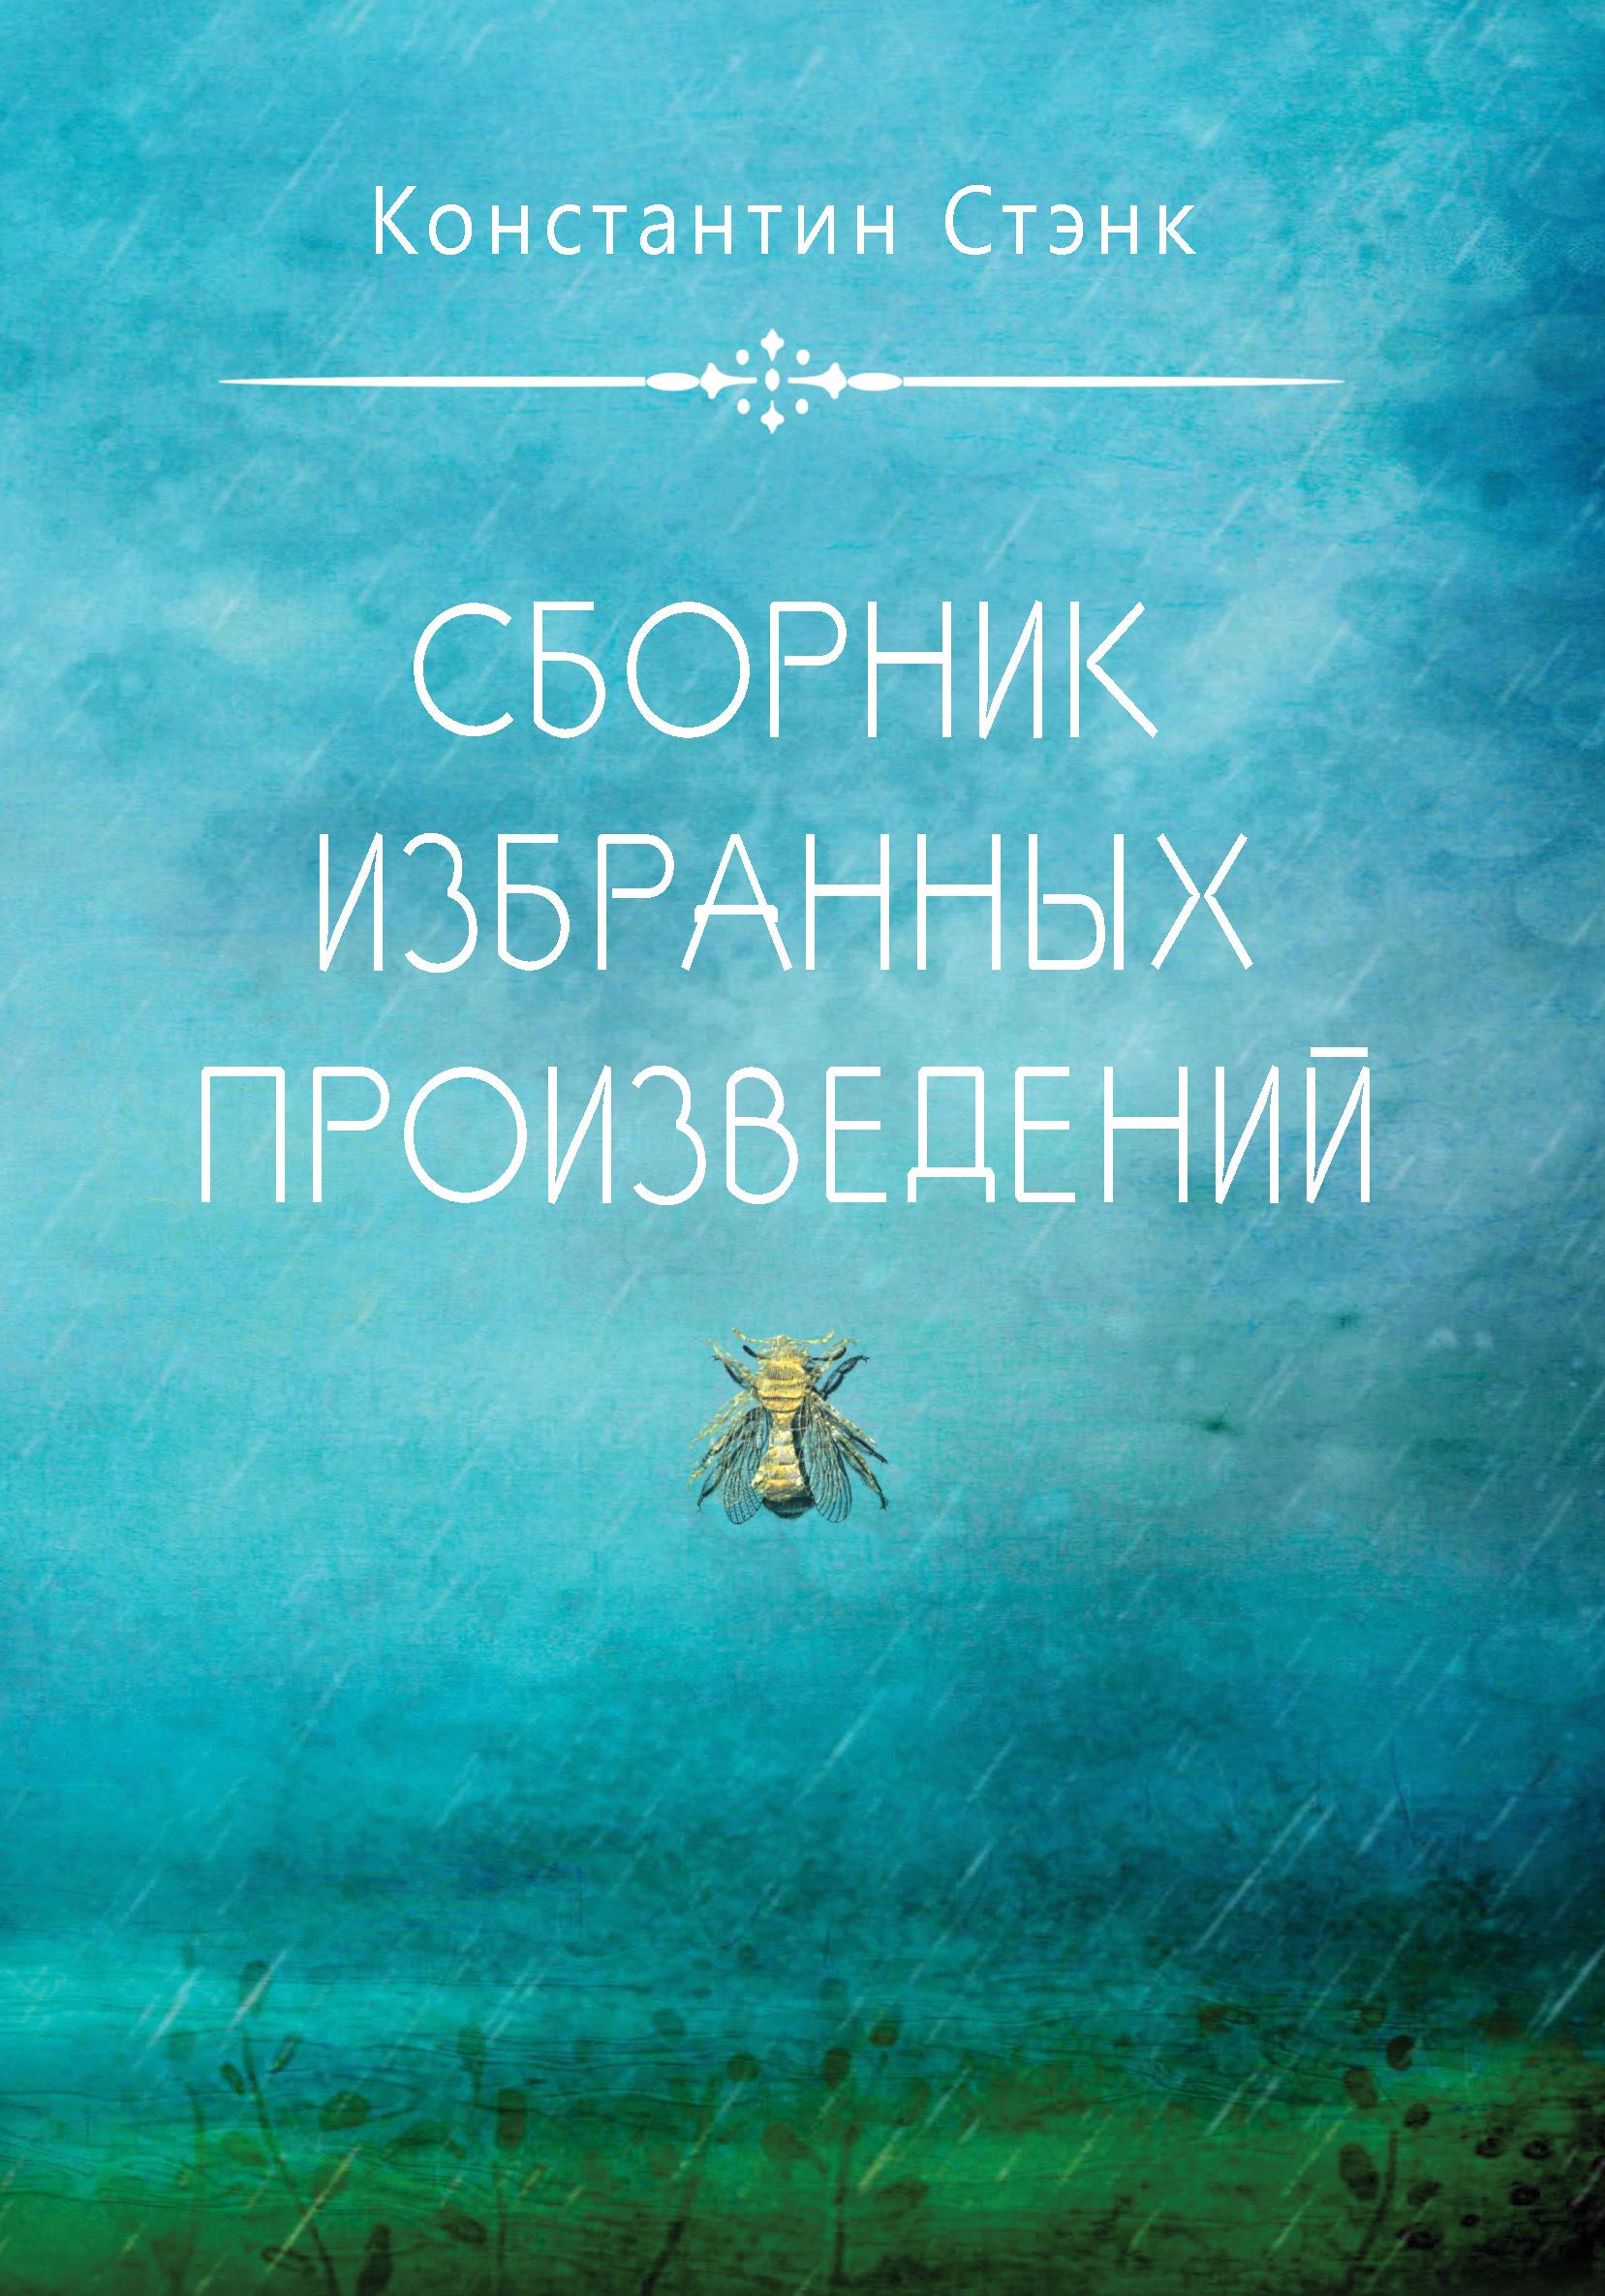 Константин Стэнк Сборник избранных произведений константин стэнк неудачный контакт сборник рассказов